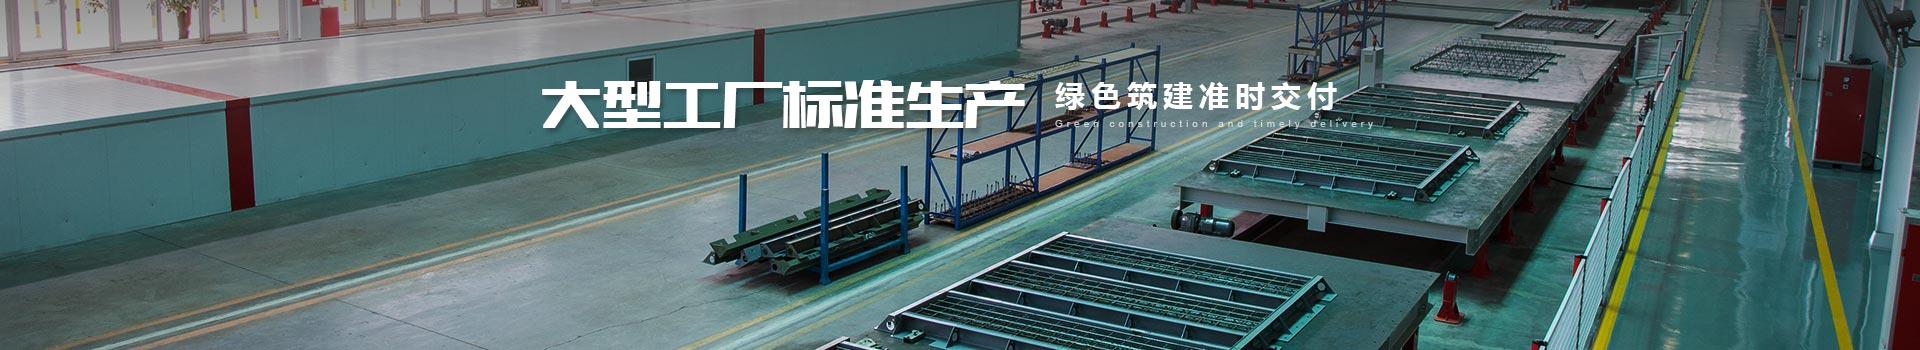 景典-大型工厂标准生产